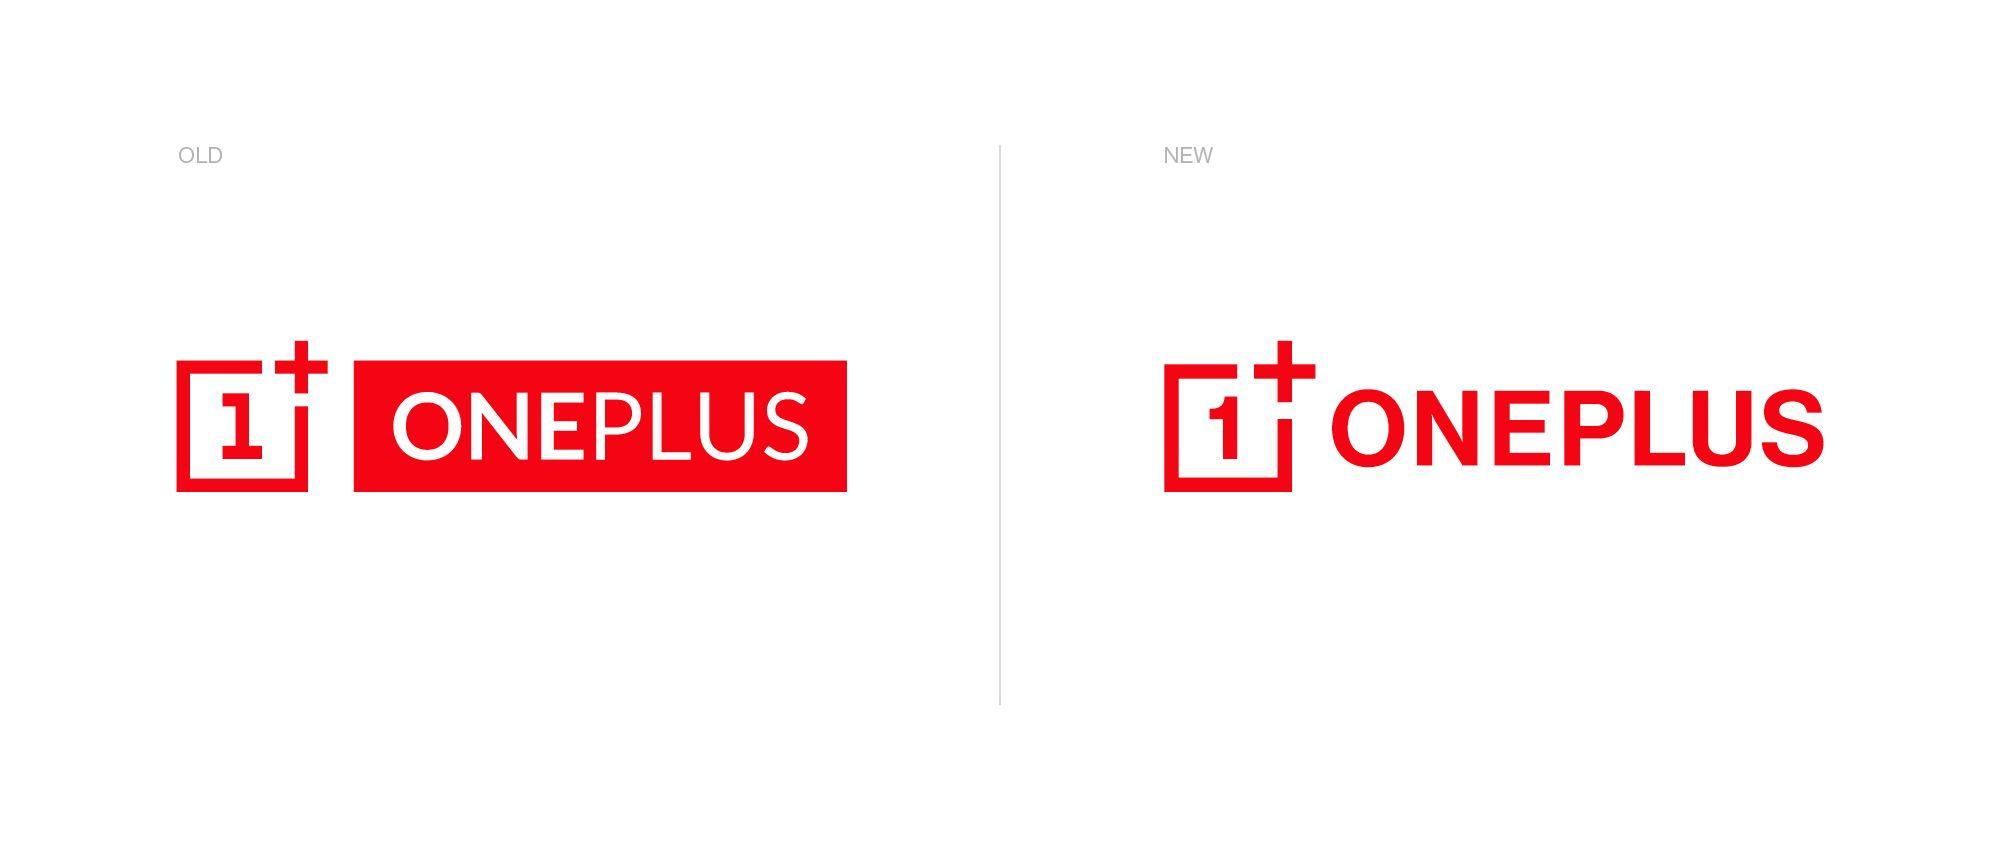 oneplus logo 2020 comparison redesign